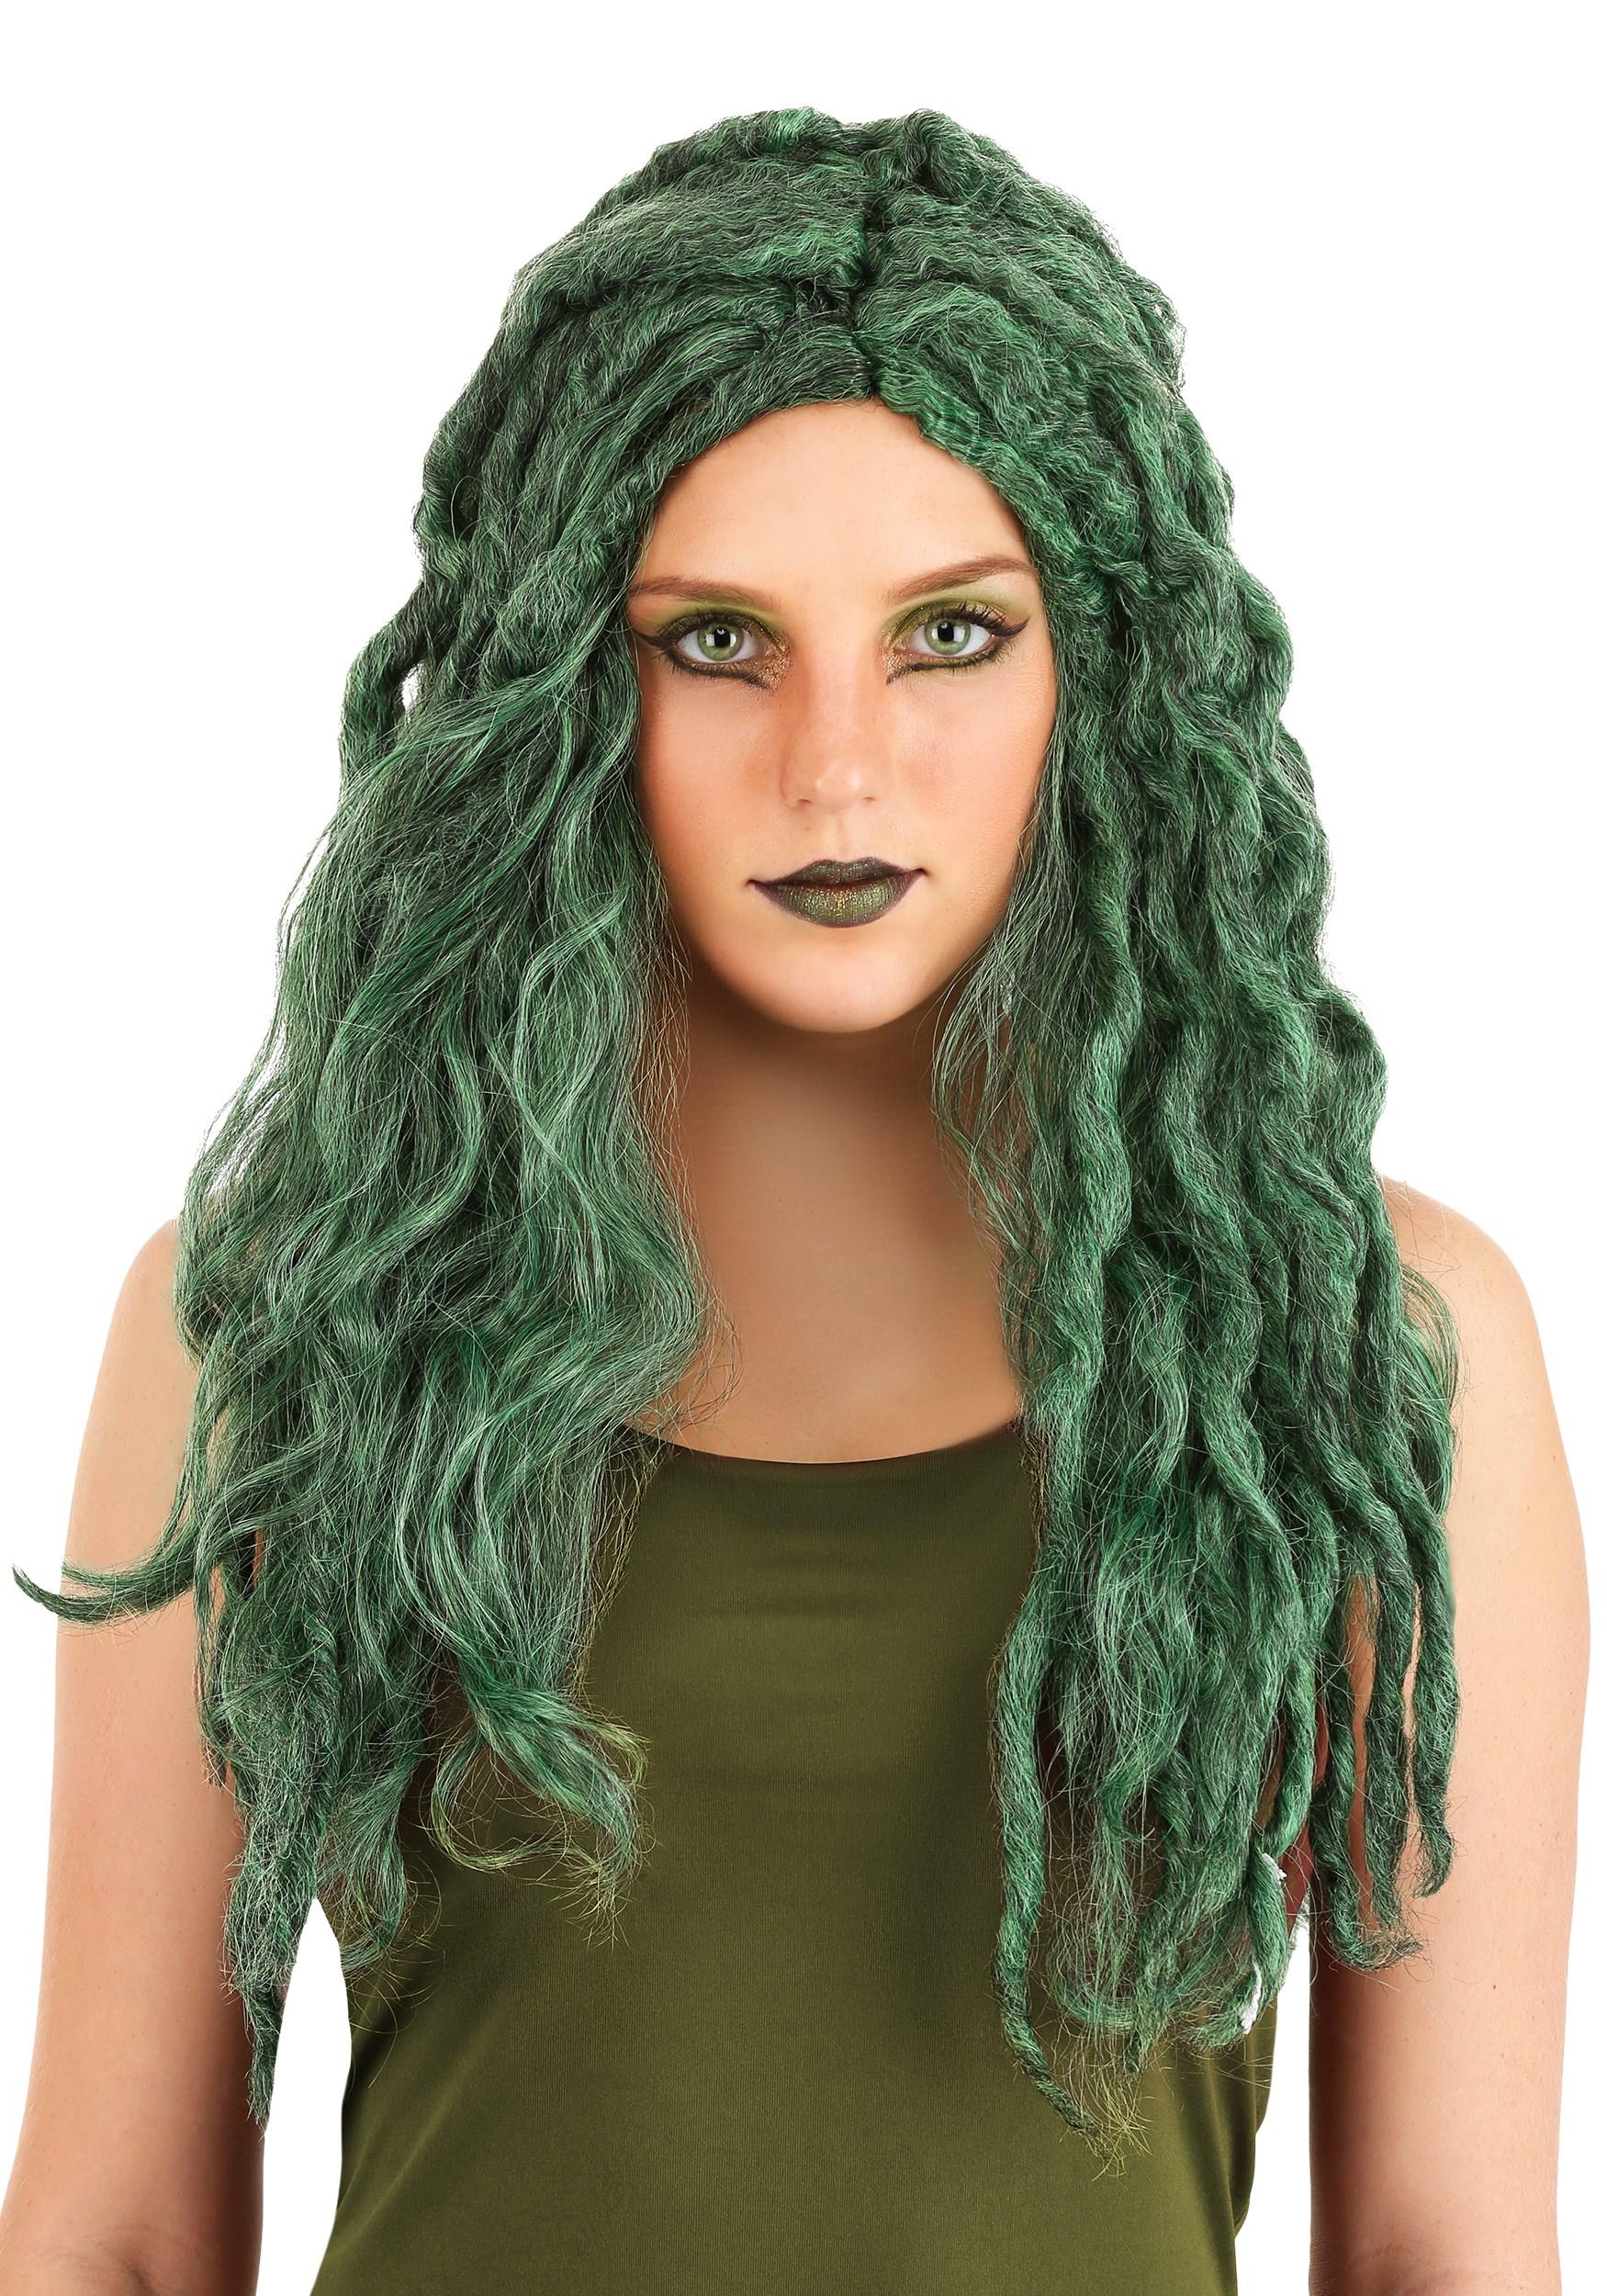 Women's Wicked Medusa Wig